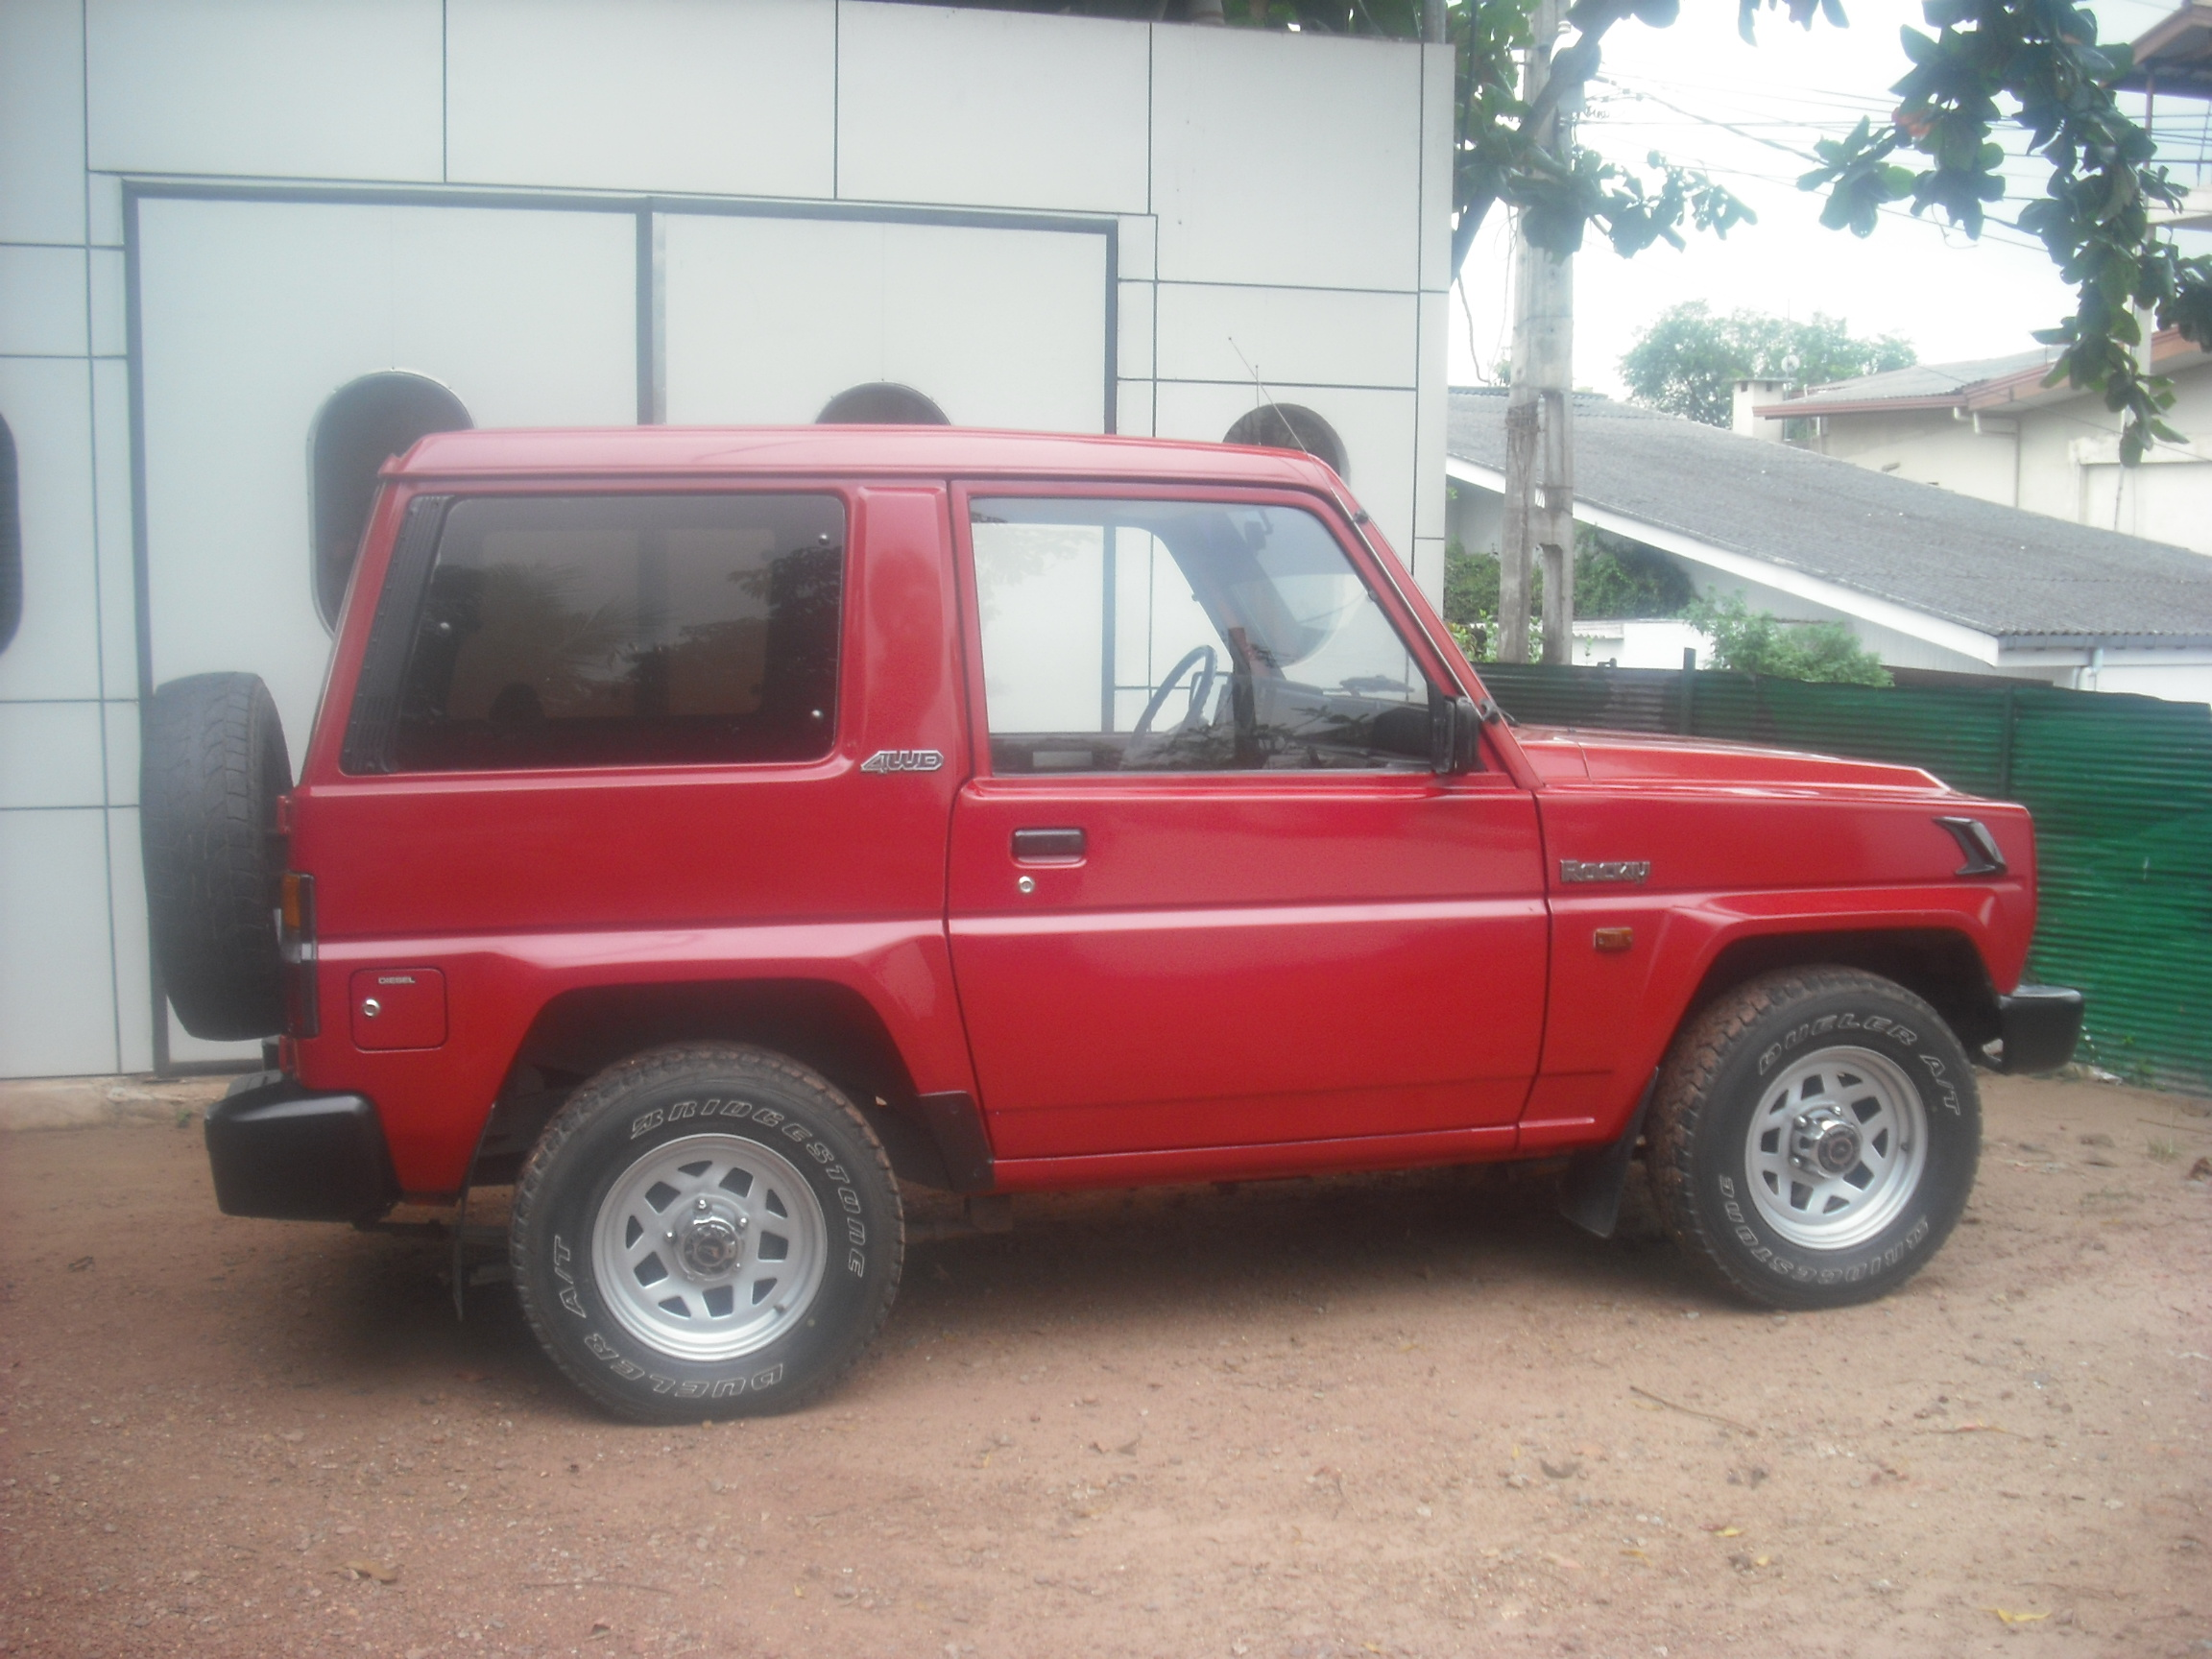 DAIHATSU ROCKY red